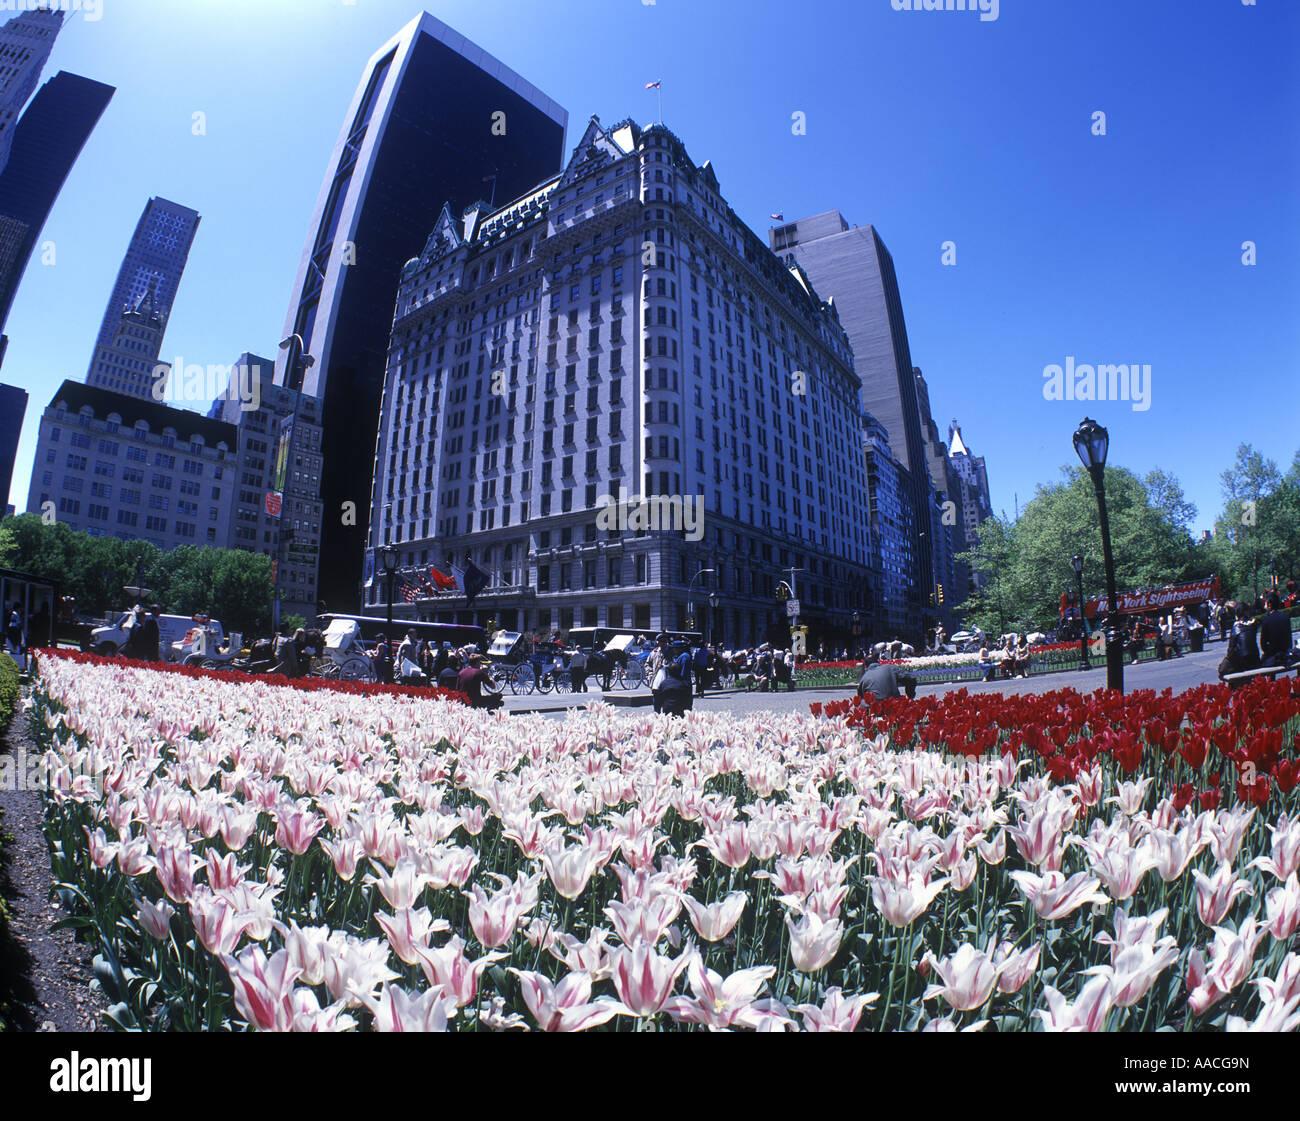 Plaza Hotel New York Fifth Avenue Stock Photos & Plaza Hotel New ...